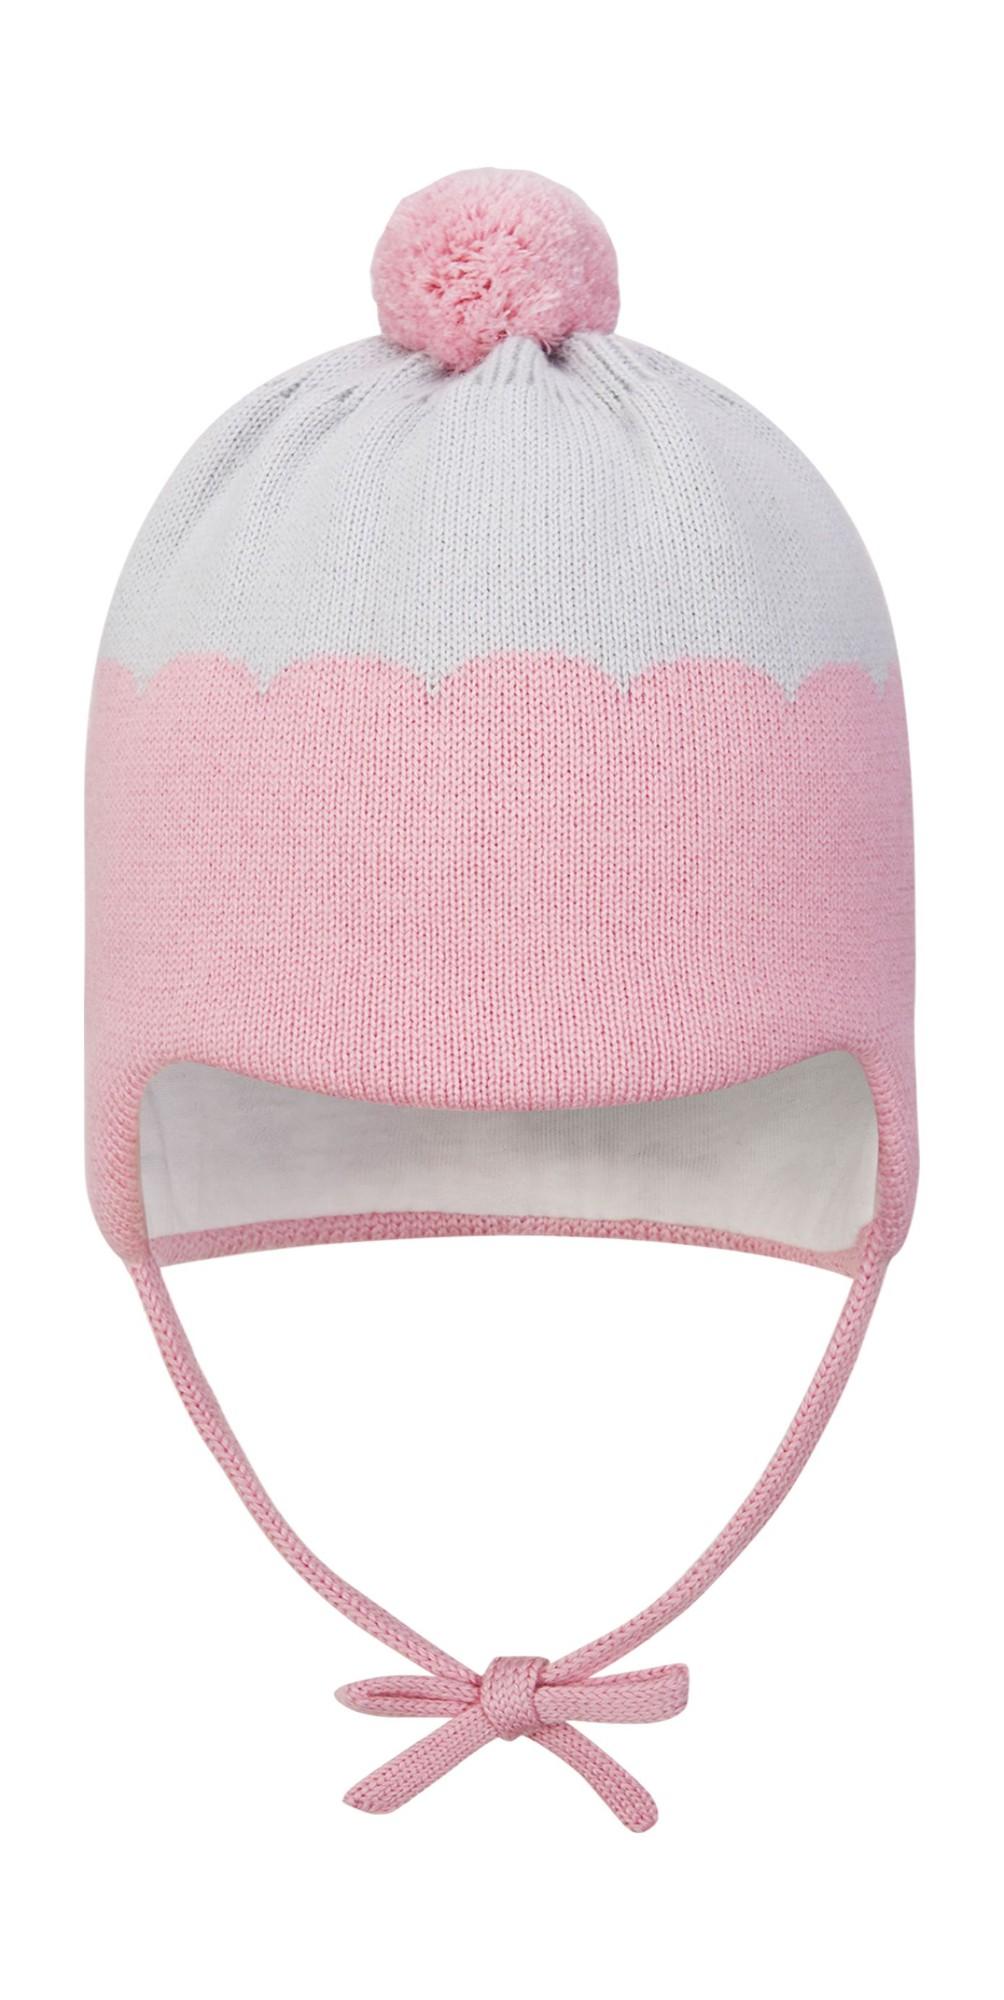 REIMA Suloinen Rosy Pink 40-42